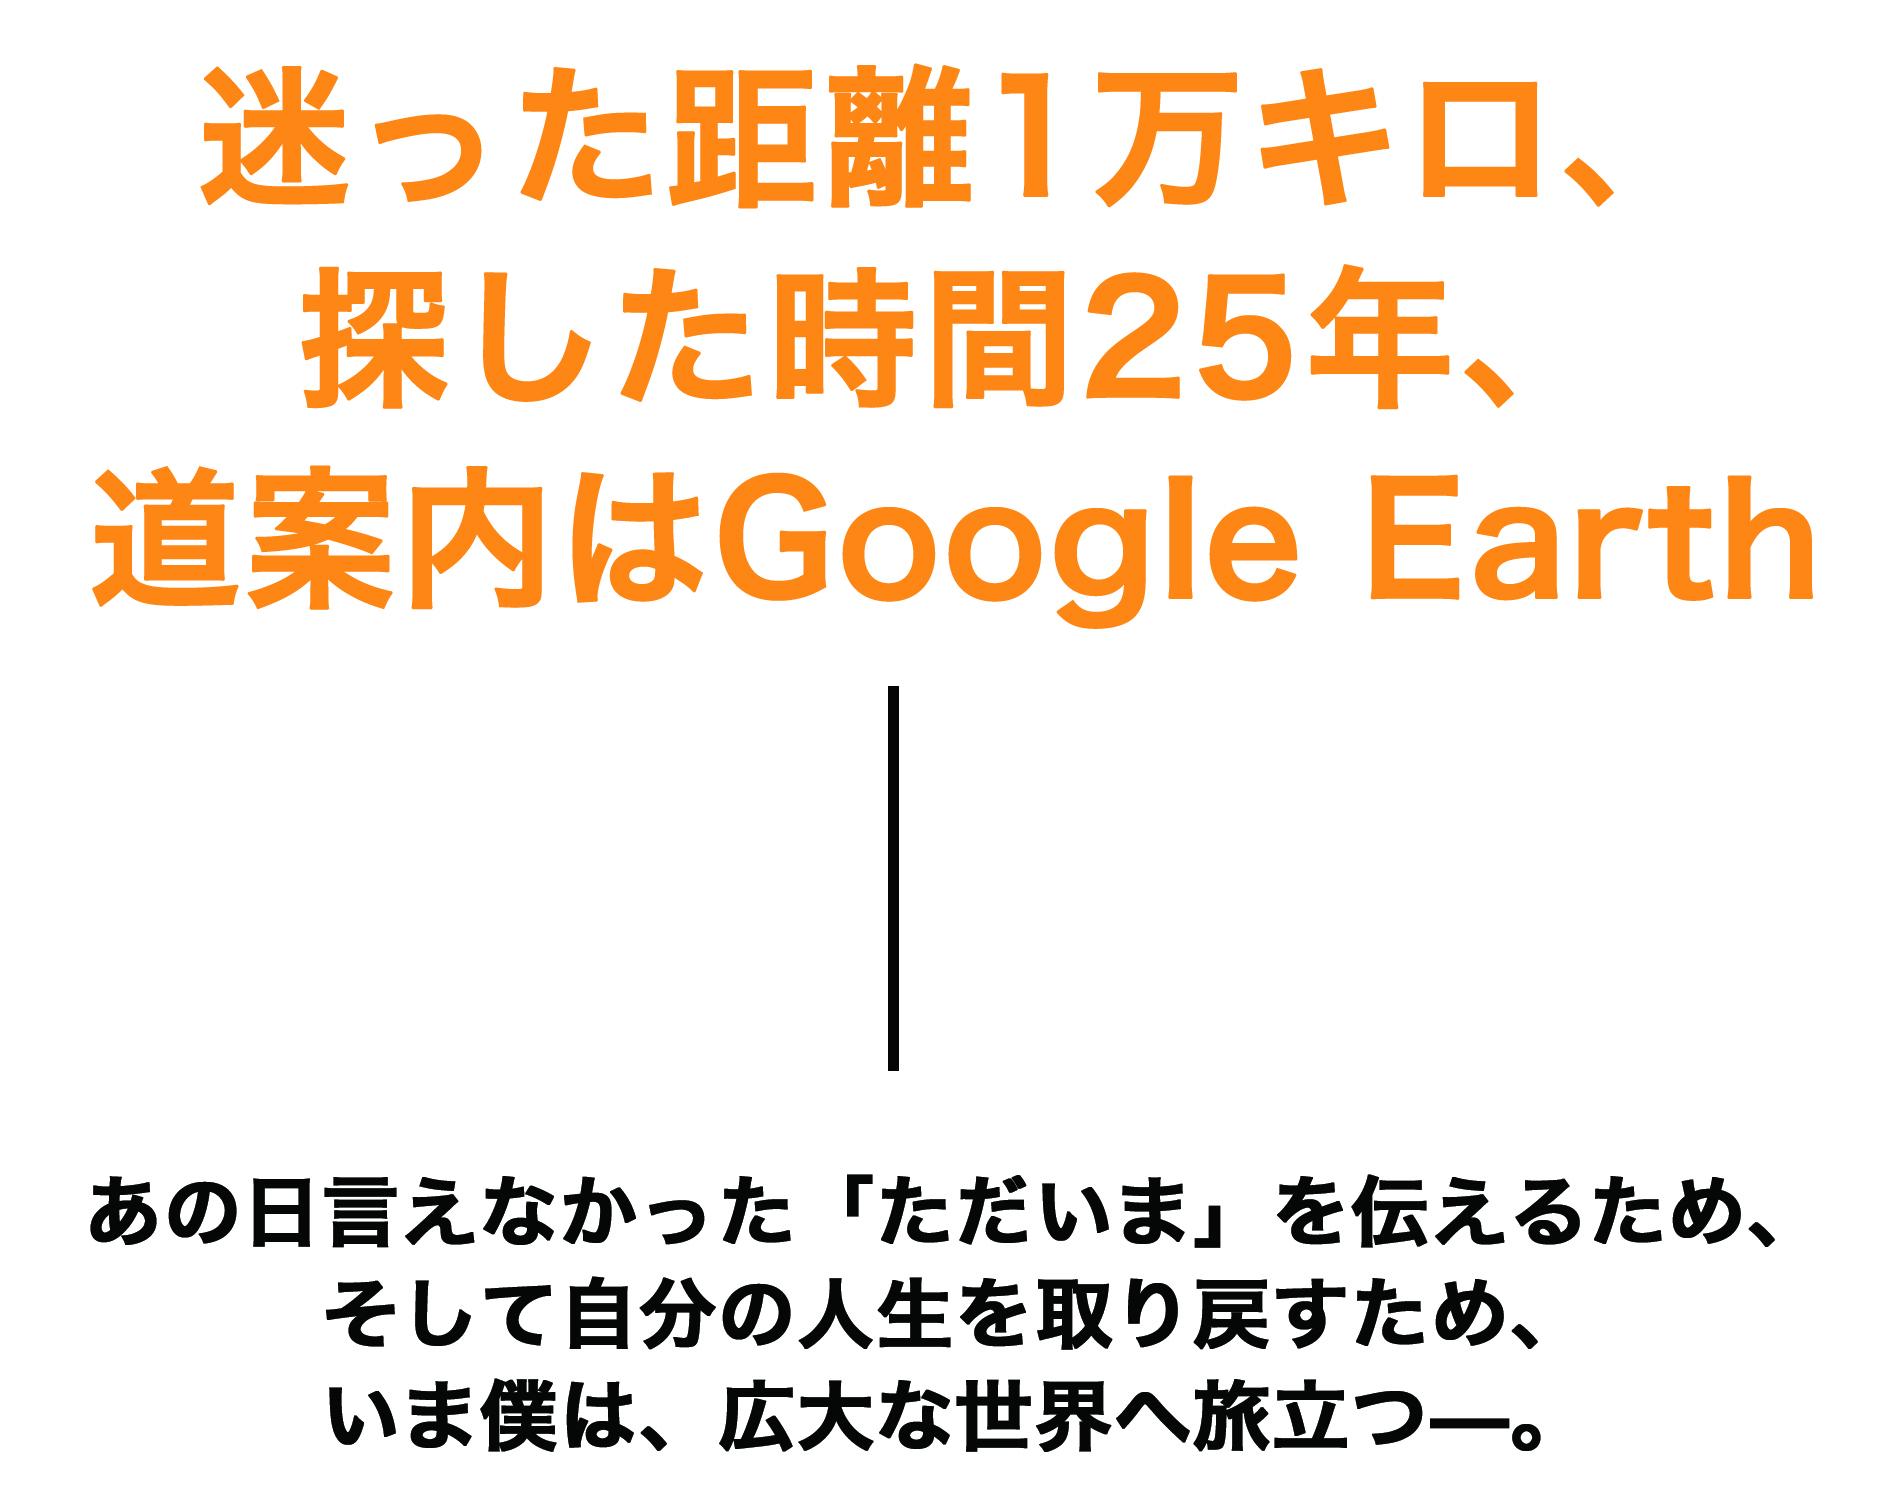 http://www.suncityhall.jp/H29.12%E6%9C%88%E2%91%A4.jpg